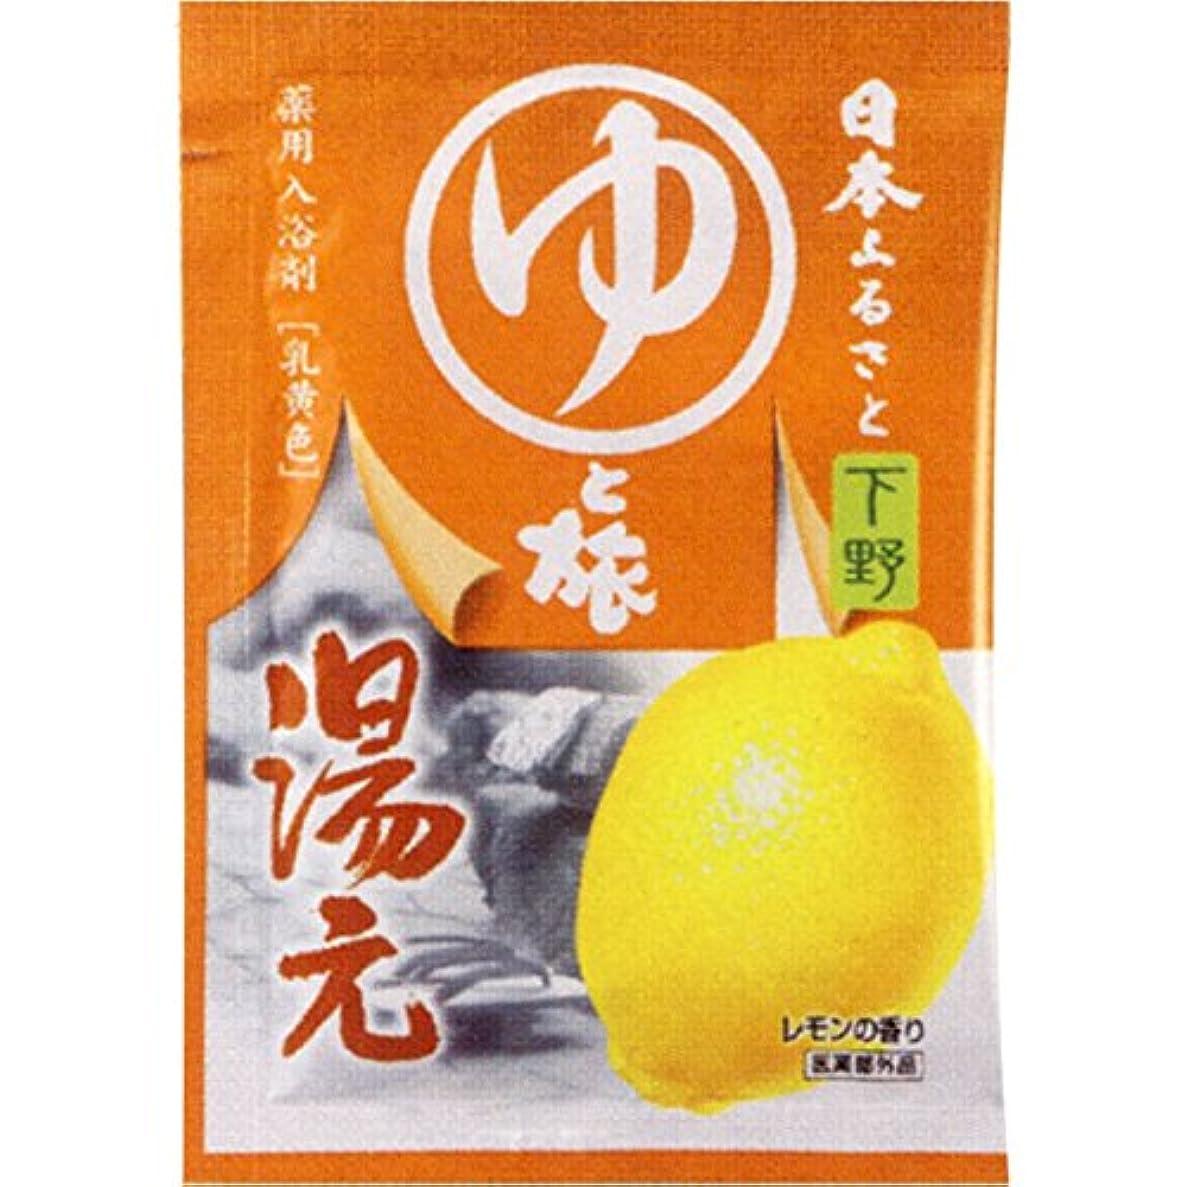 ディスコクルーズ供給ヤマサキ 日本ふるさとゆと旅 湯元 30g (医薬部外品)